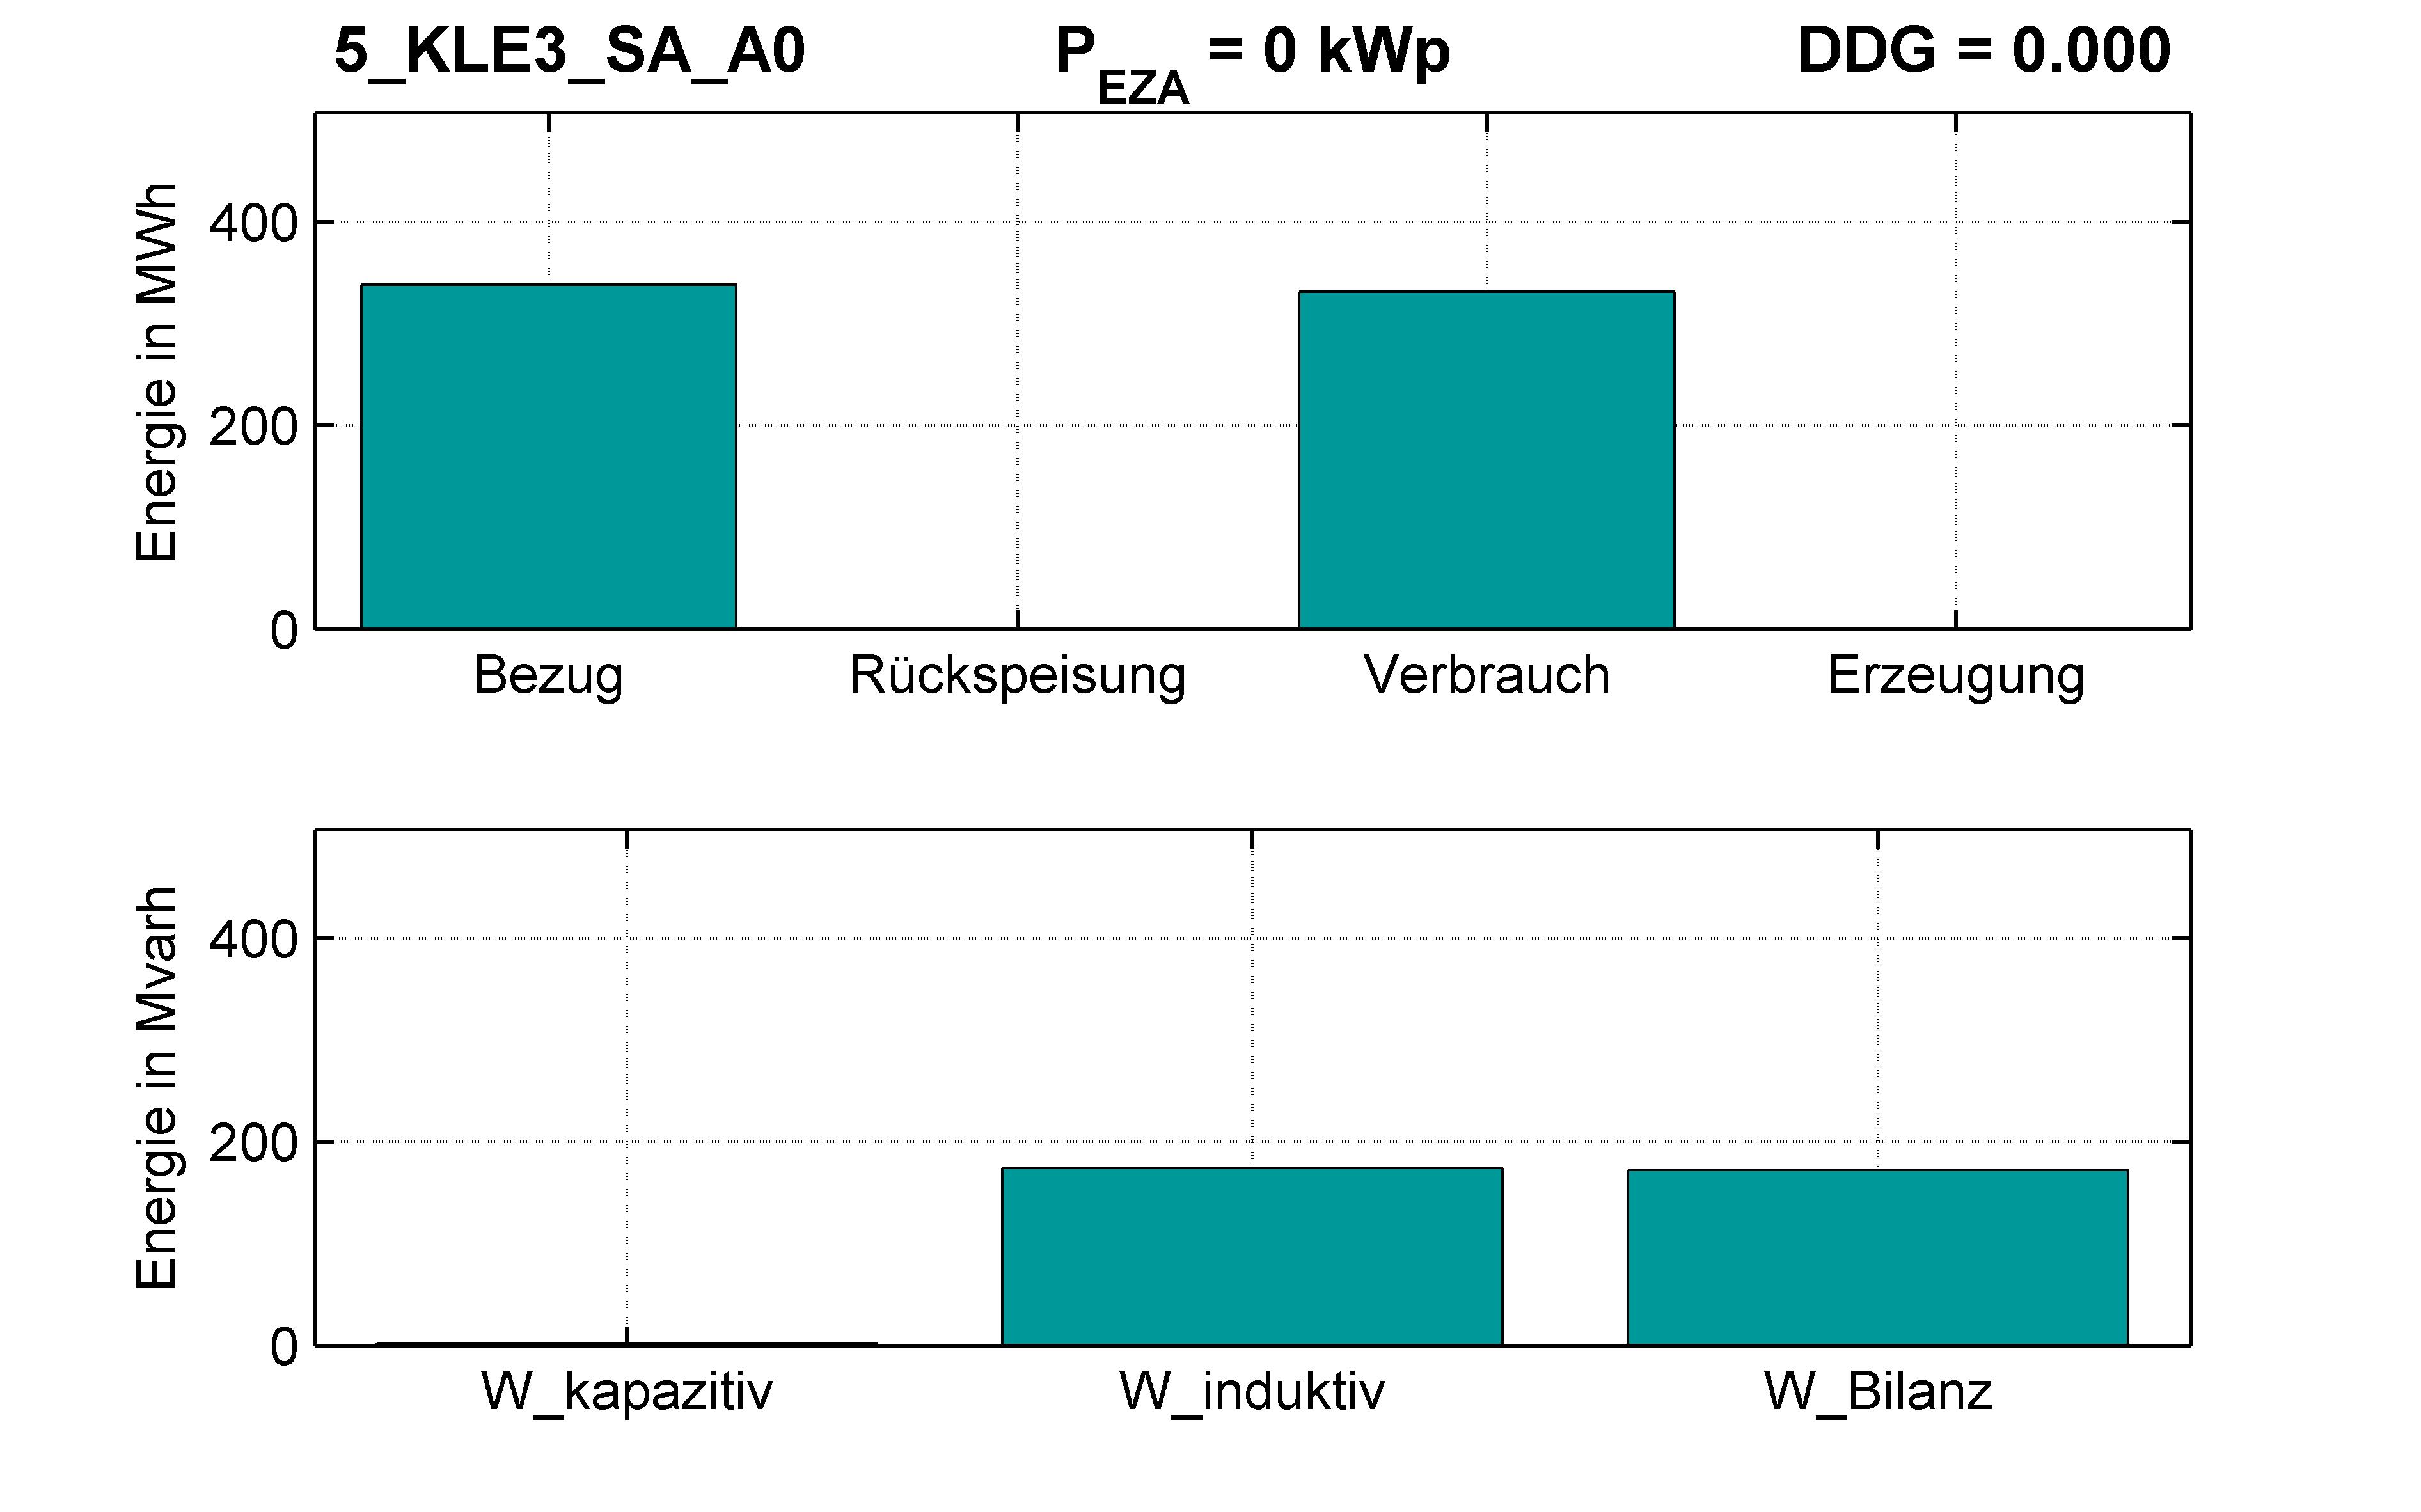 KLE3 | STATION (SA) A0 | PQ-Bilanz